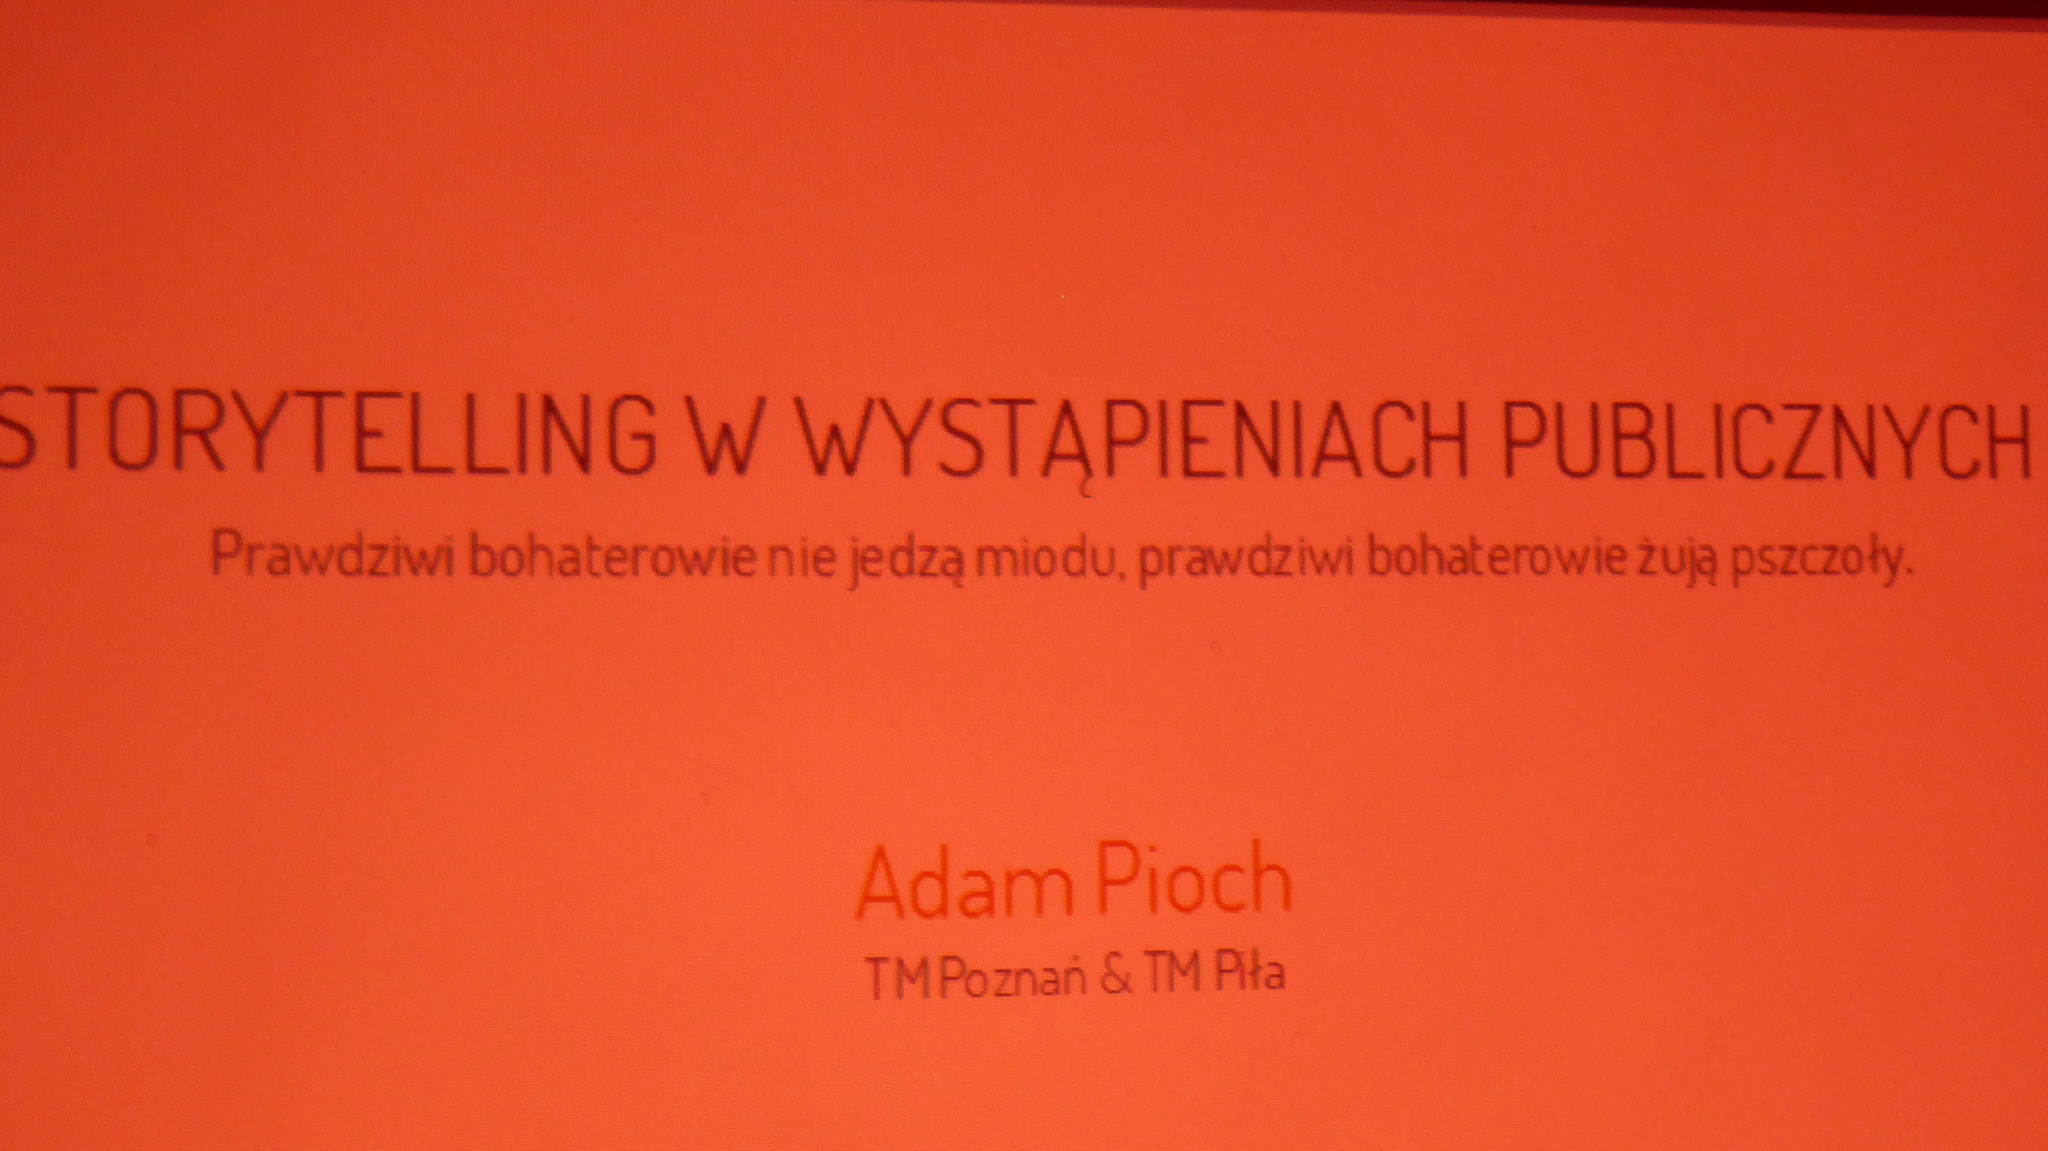 fot. Michał Szaliński